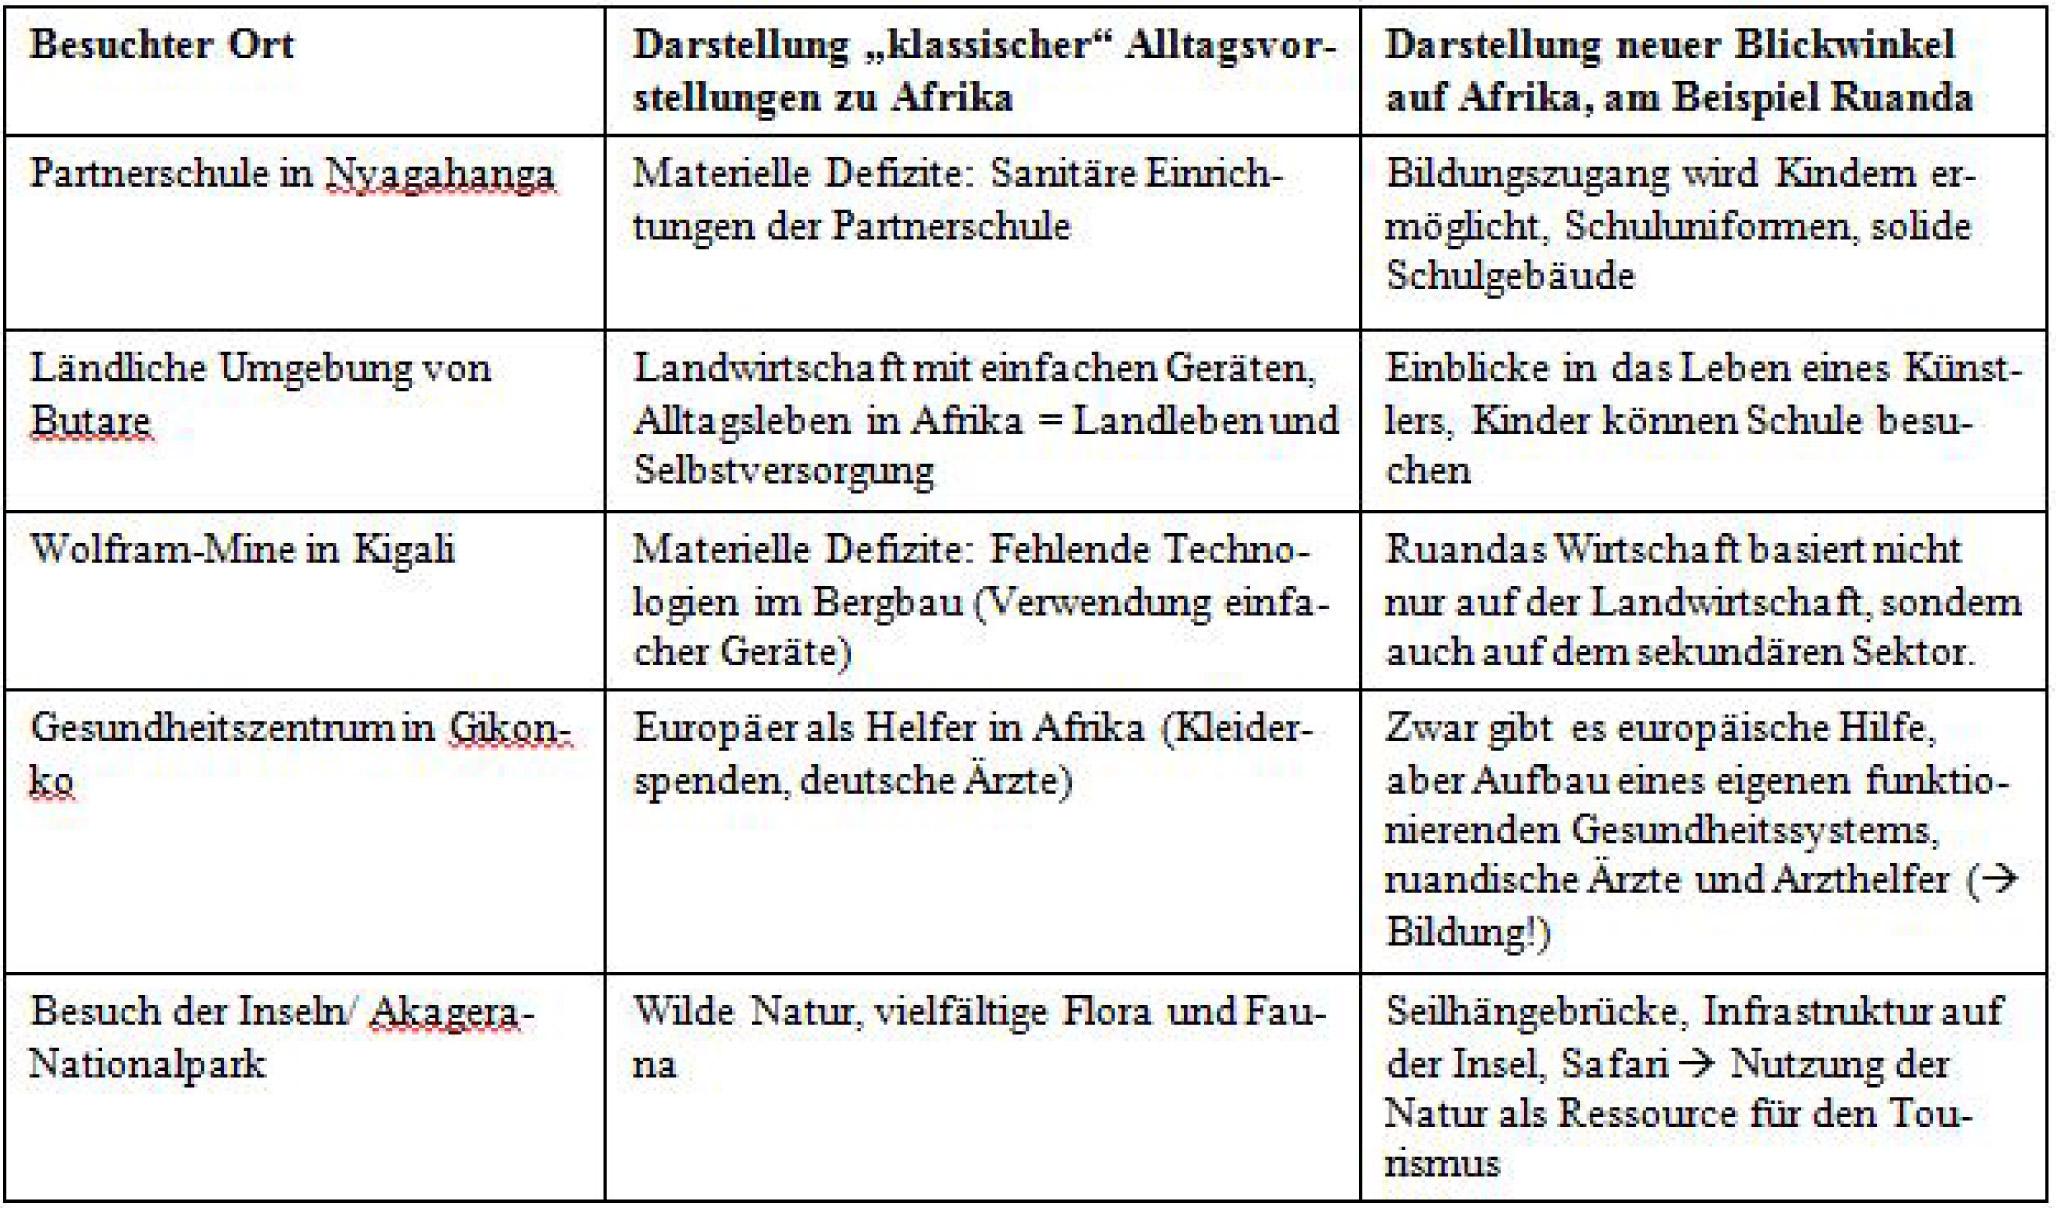 Ernst Klett Verlag Terrasse Schulbucher Lehrmaterialien Und Lernmaterialien